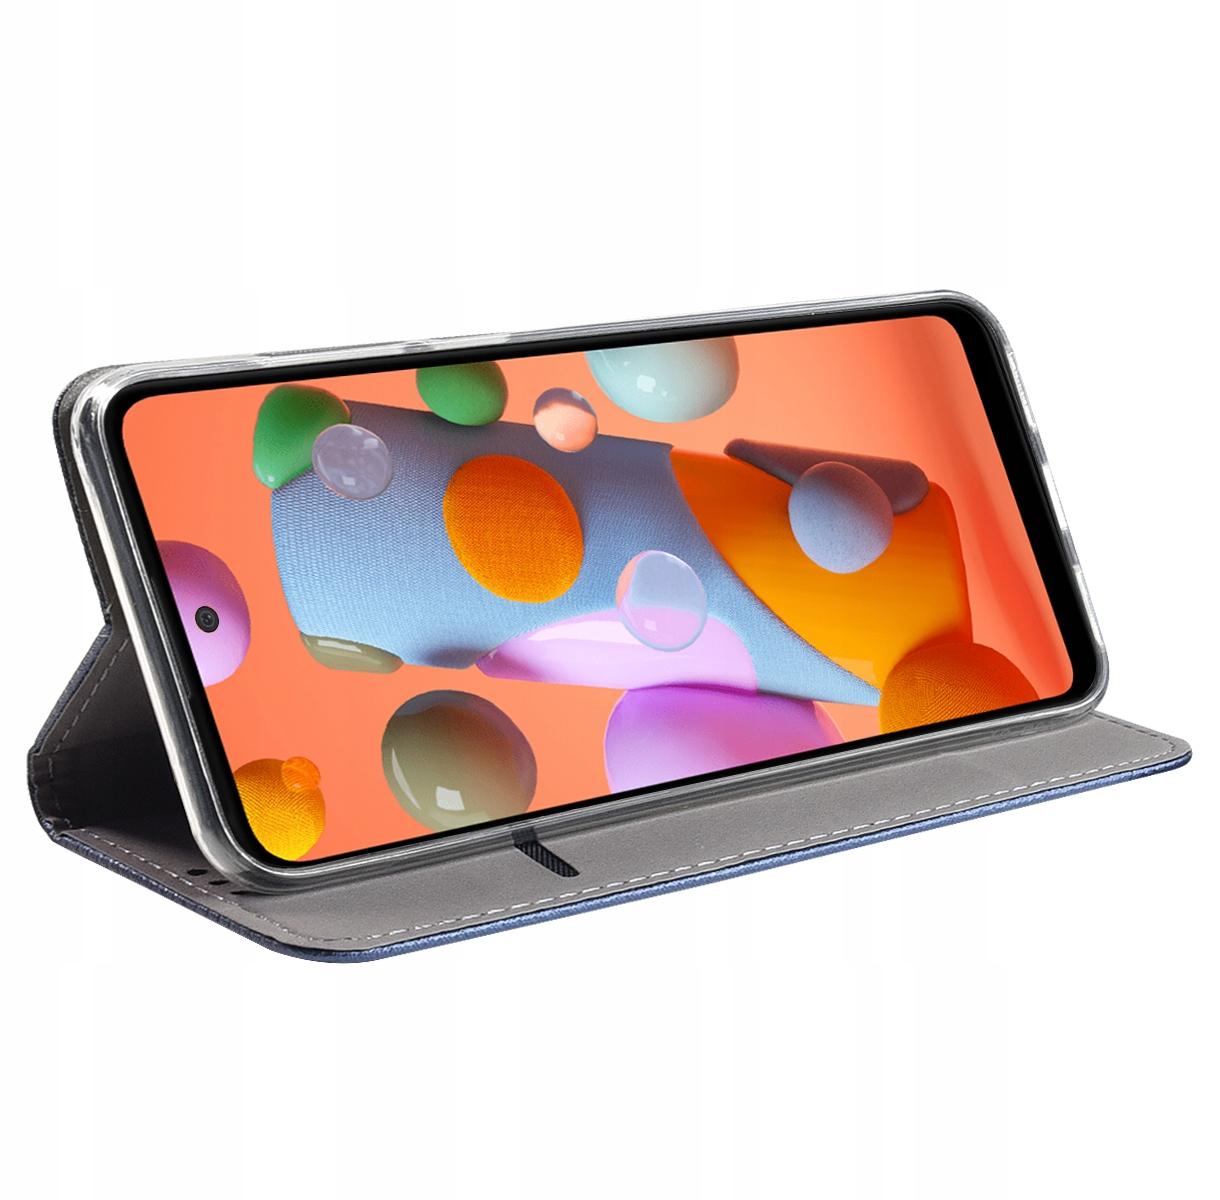 ETUI do Xiaomi Mi 10T Lite 5G Magnet Case + Szkło Przeznaczenie Xiaomi